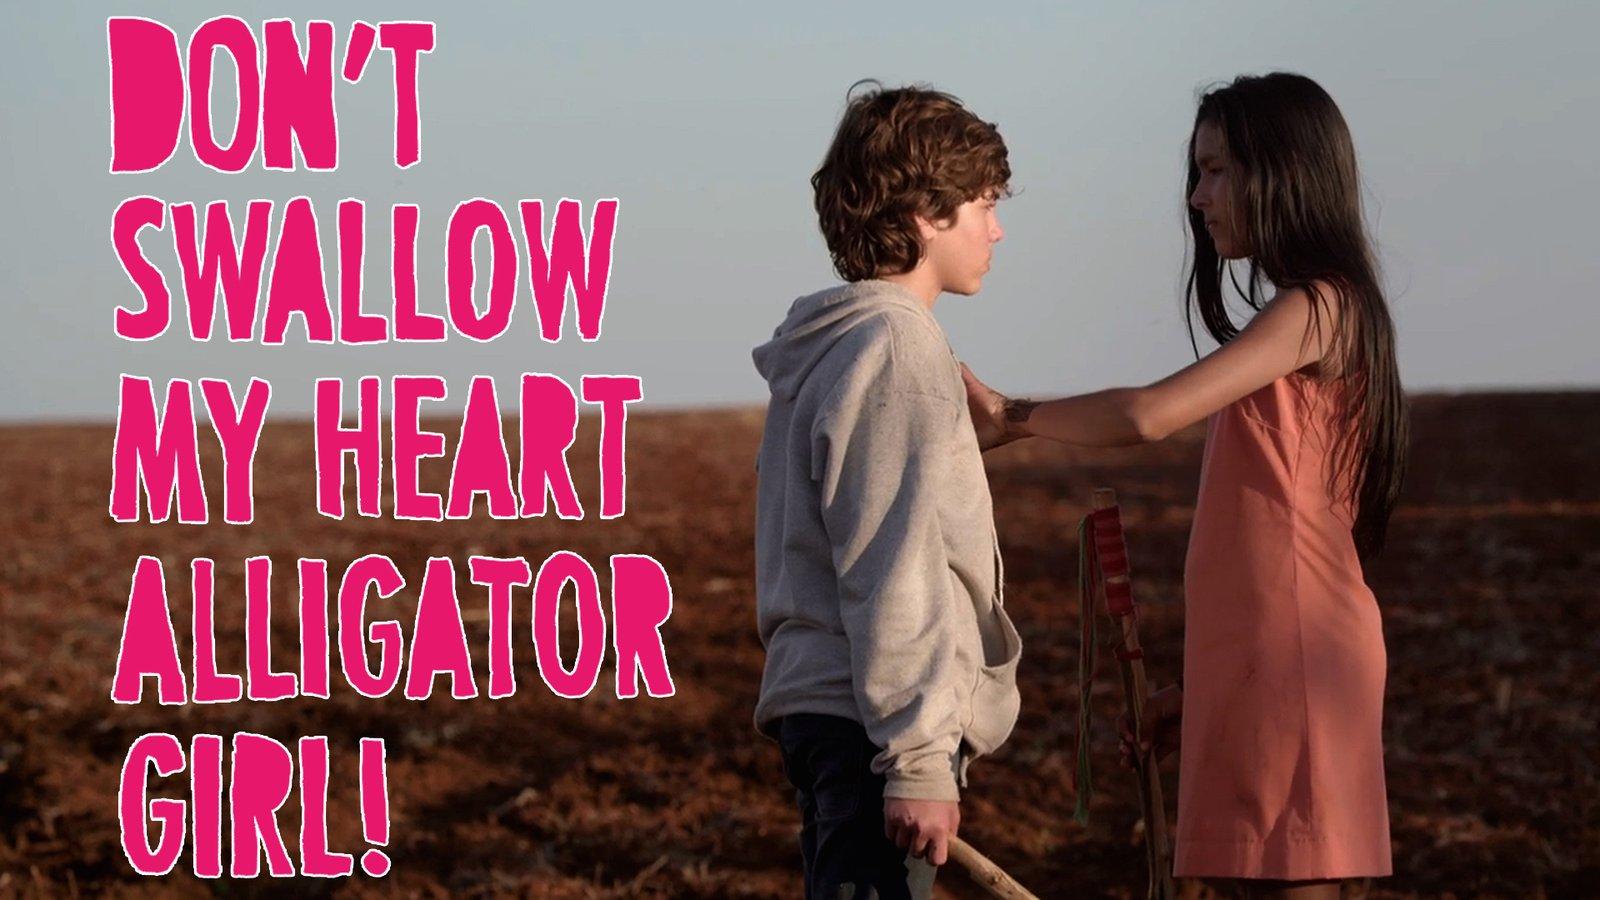 Don't Swallow My Heart, Alligator Girl! - Não Devore Meu Coração